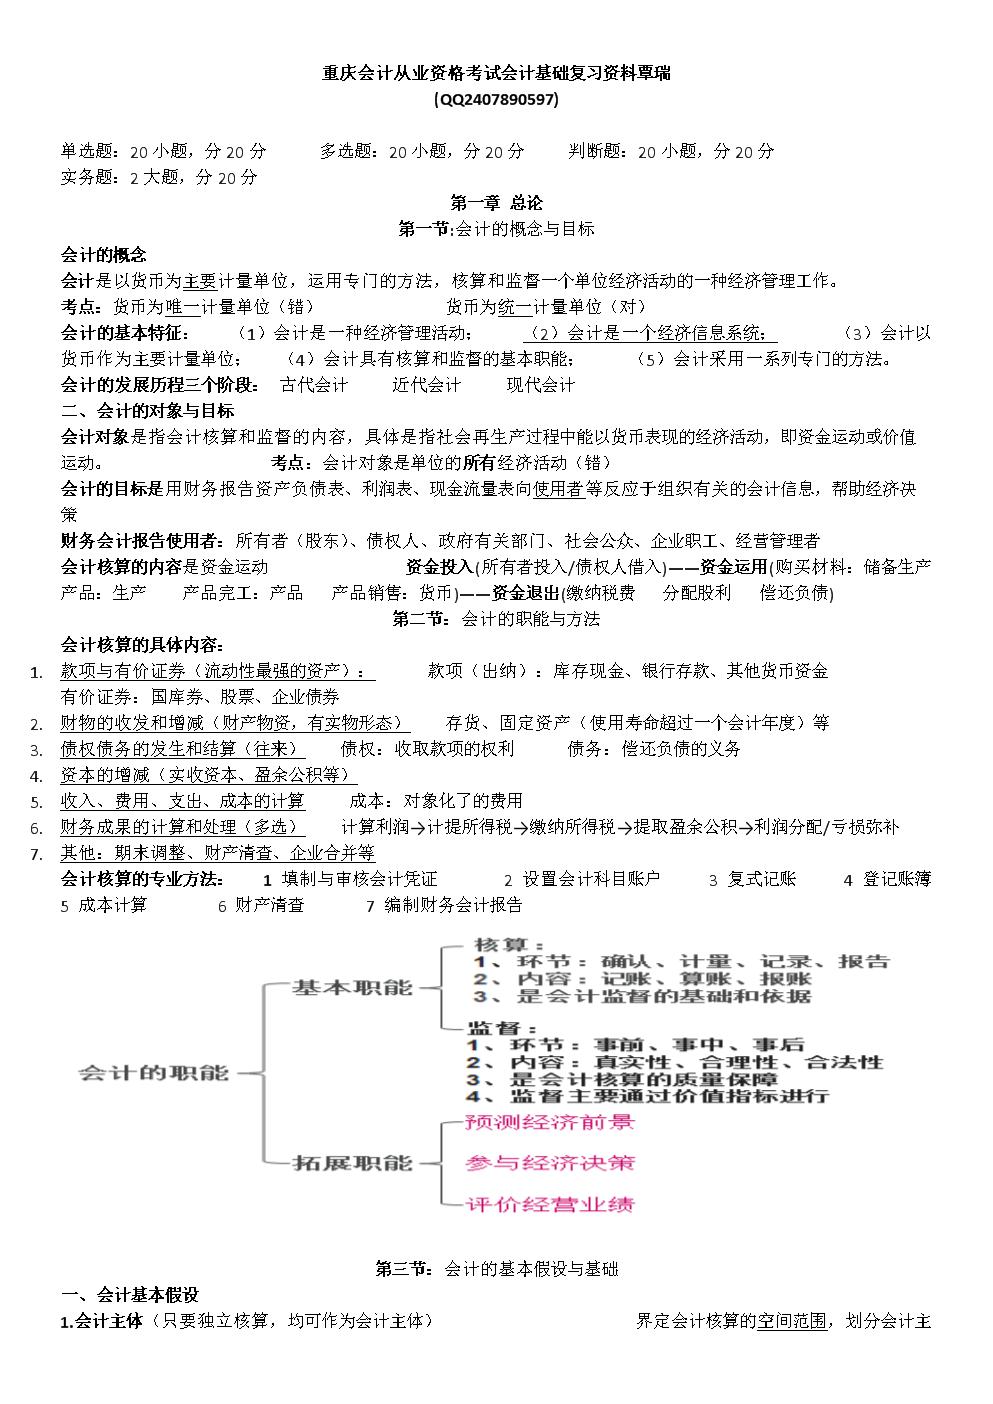 重庆会计从业资格考试会计基础复习资料覃瑞.docx